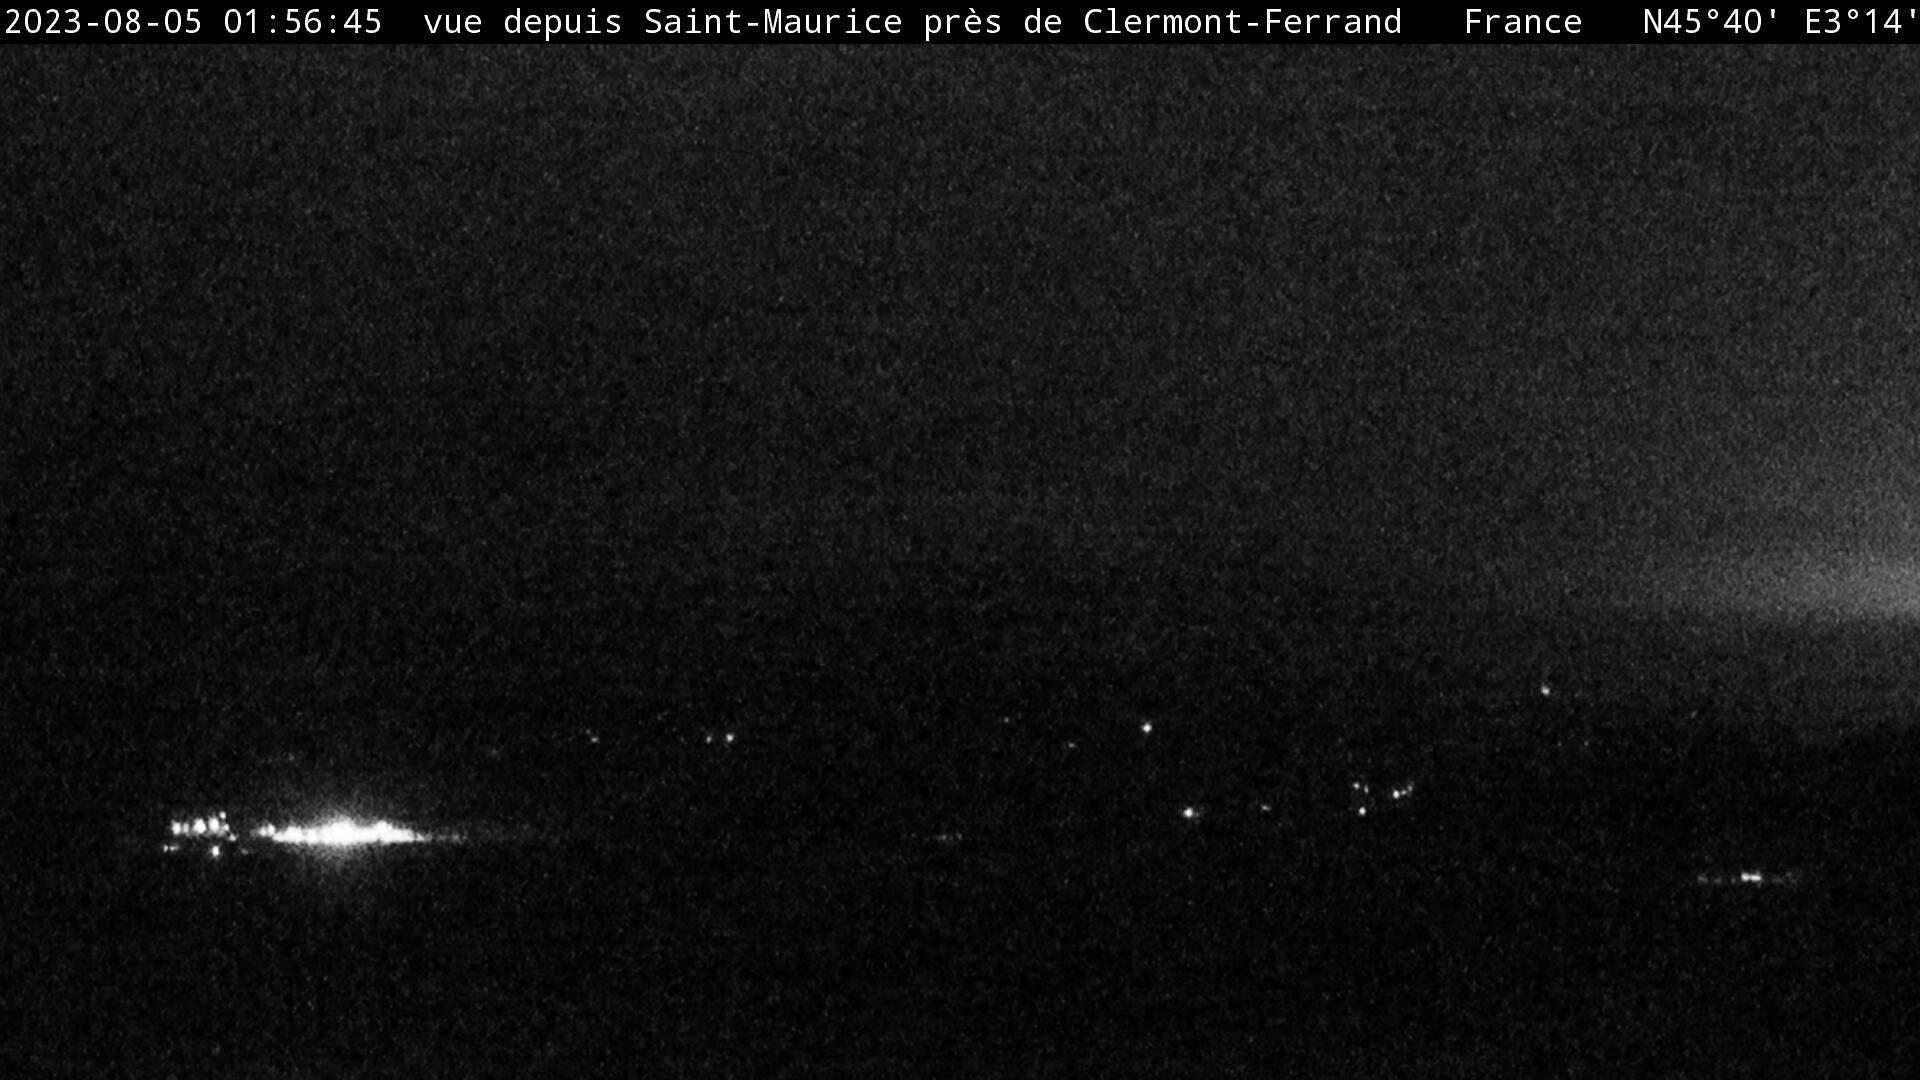 Saint-Maurice Sun. 01:57